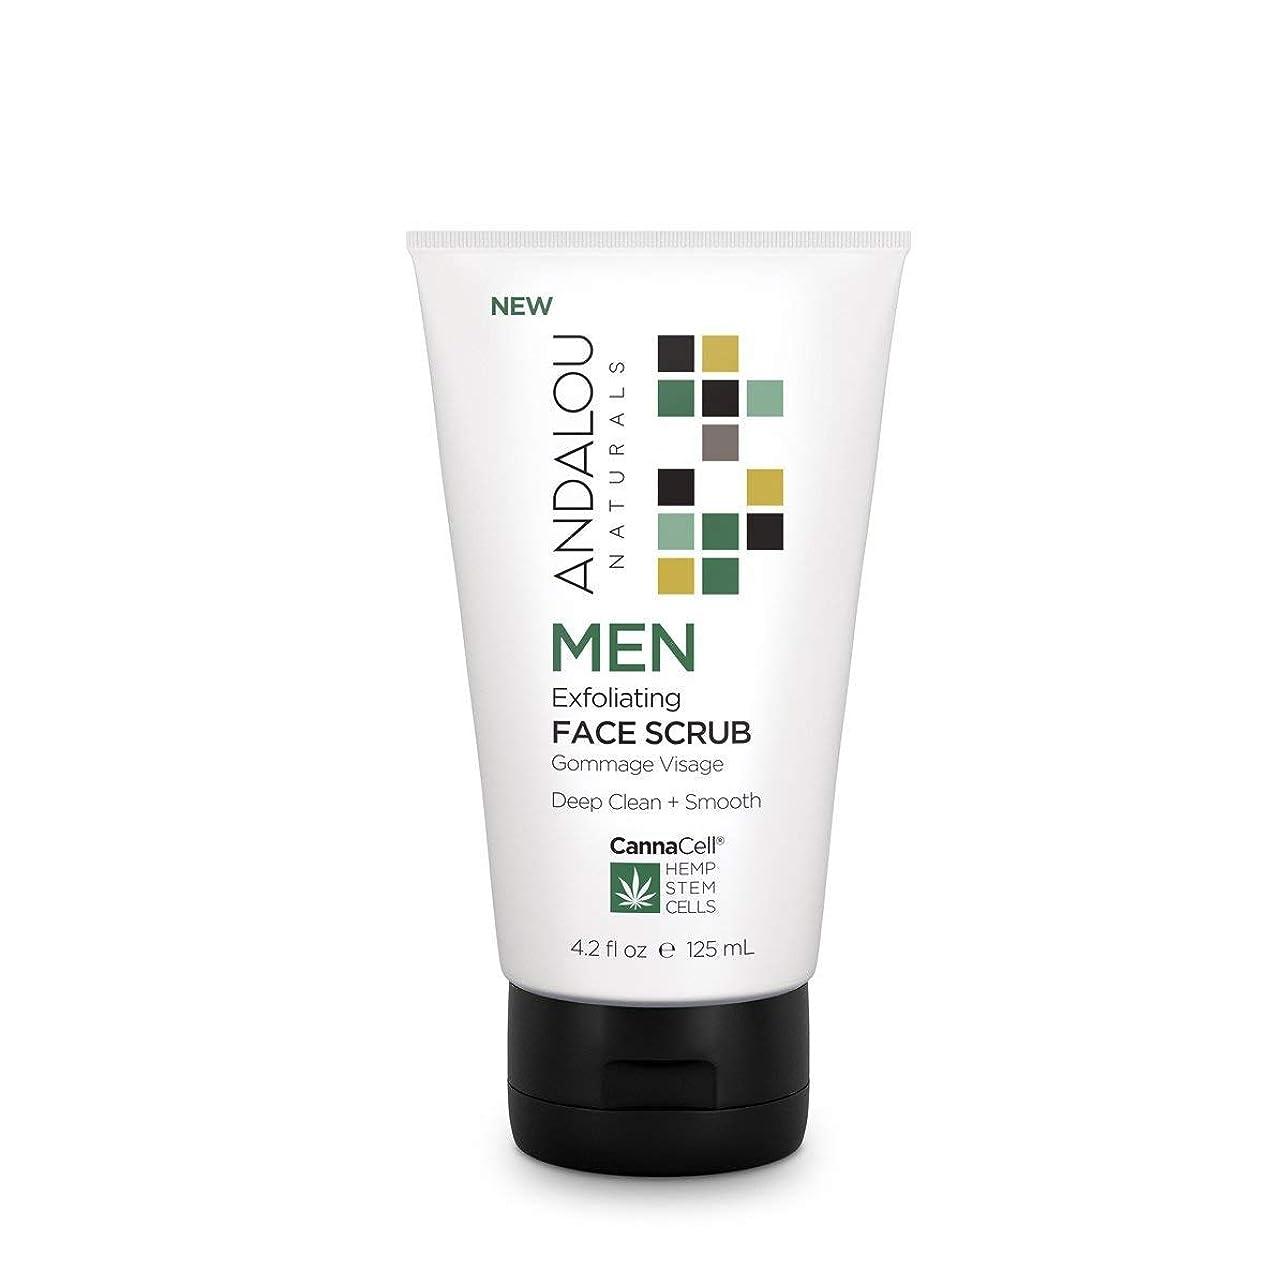 診断する格差ワゴンオーガニック ボタニカル 洗顔料 スクラブ洗顔 ナチュラル フルーツ幹細胞 ヘンプ幹細胞 「 MEN エクスフォリエーティングフェイススクラブ 」 ANDALOU naturals アンダルー ナチュラルズ